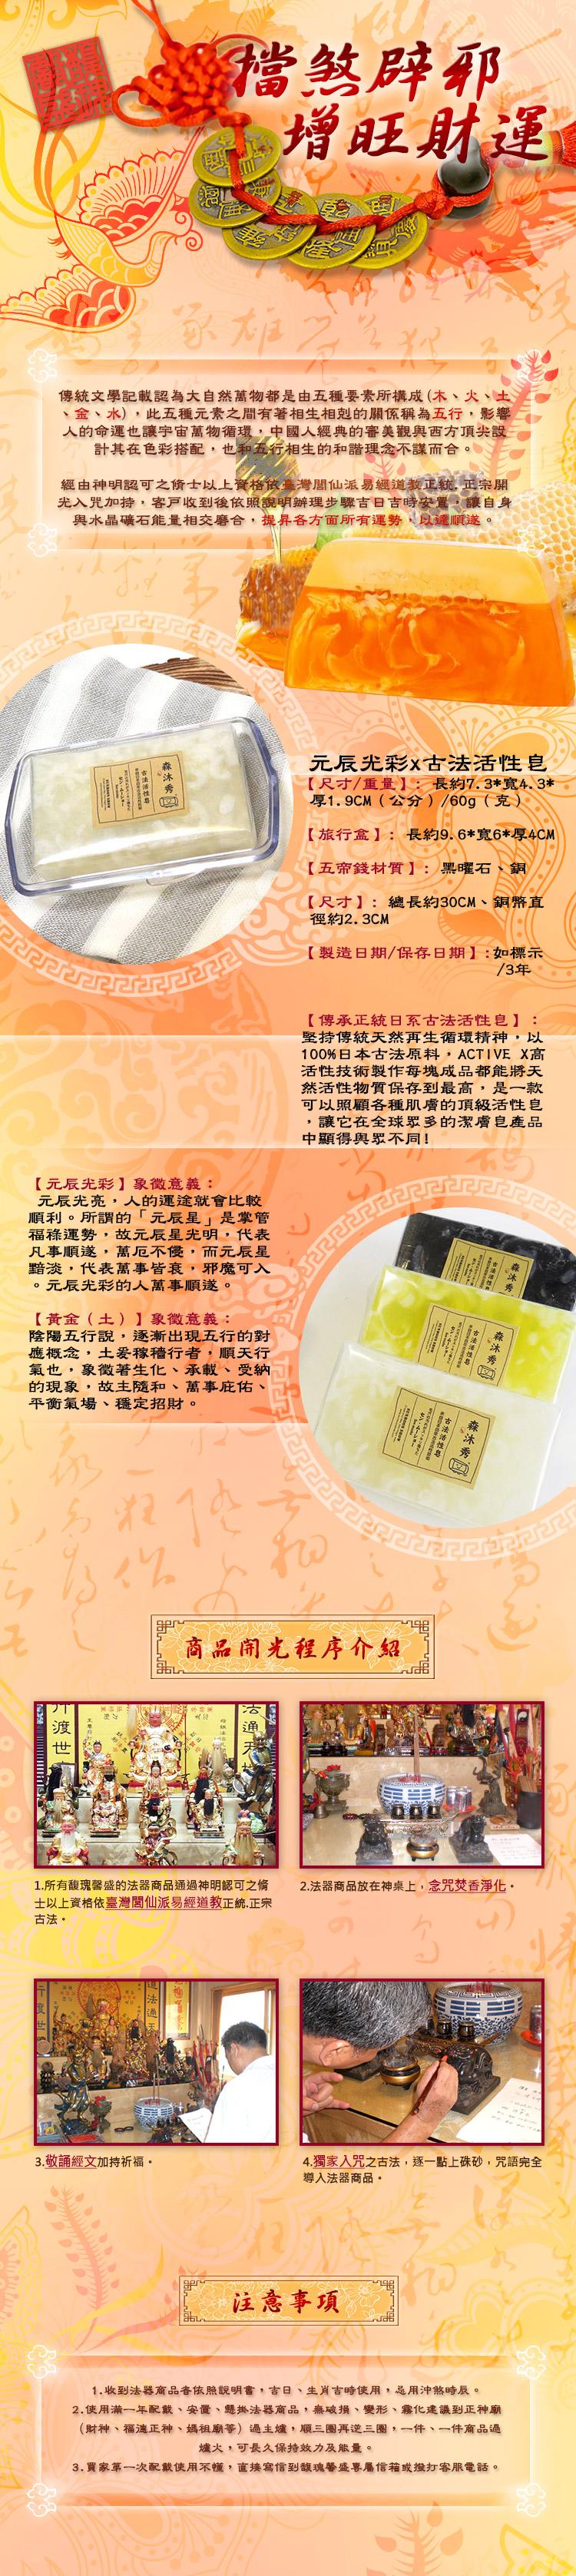 【馥瑰馨盛】傳承正統日系古法活性皂60g-傳統技術長效持續-本身元辰光彩除穢負能量(含開光加持-買大送小)NS0545